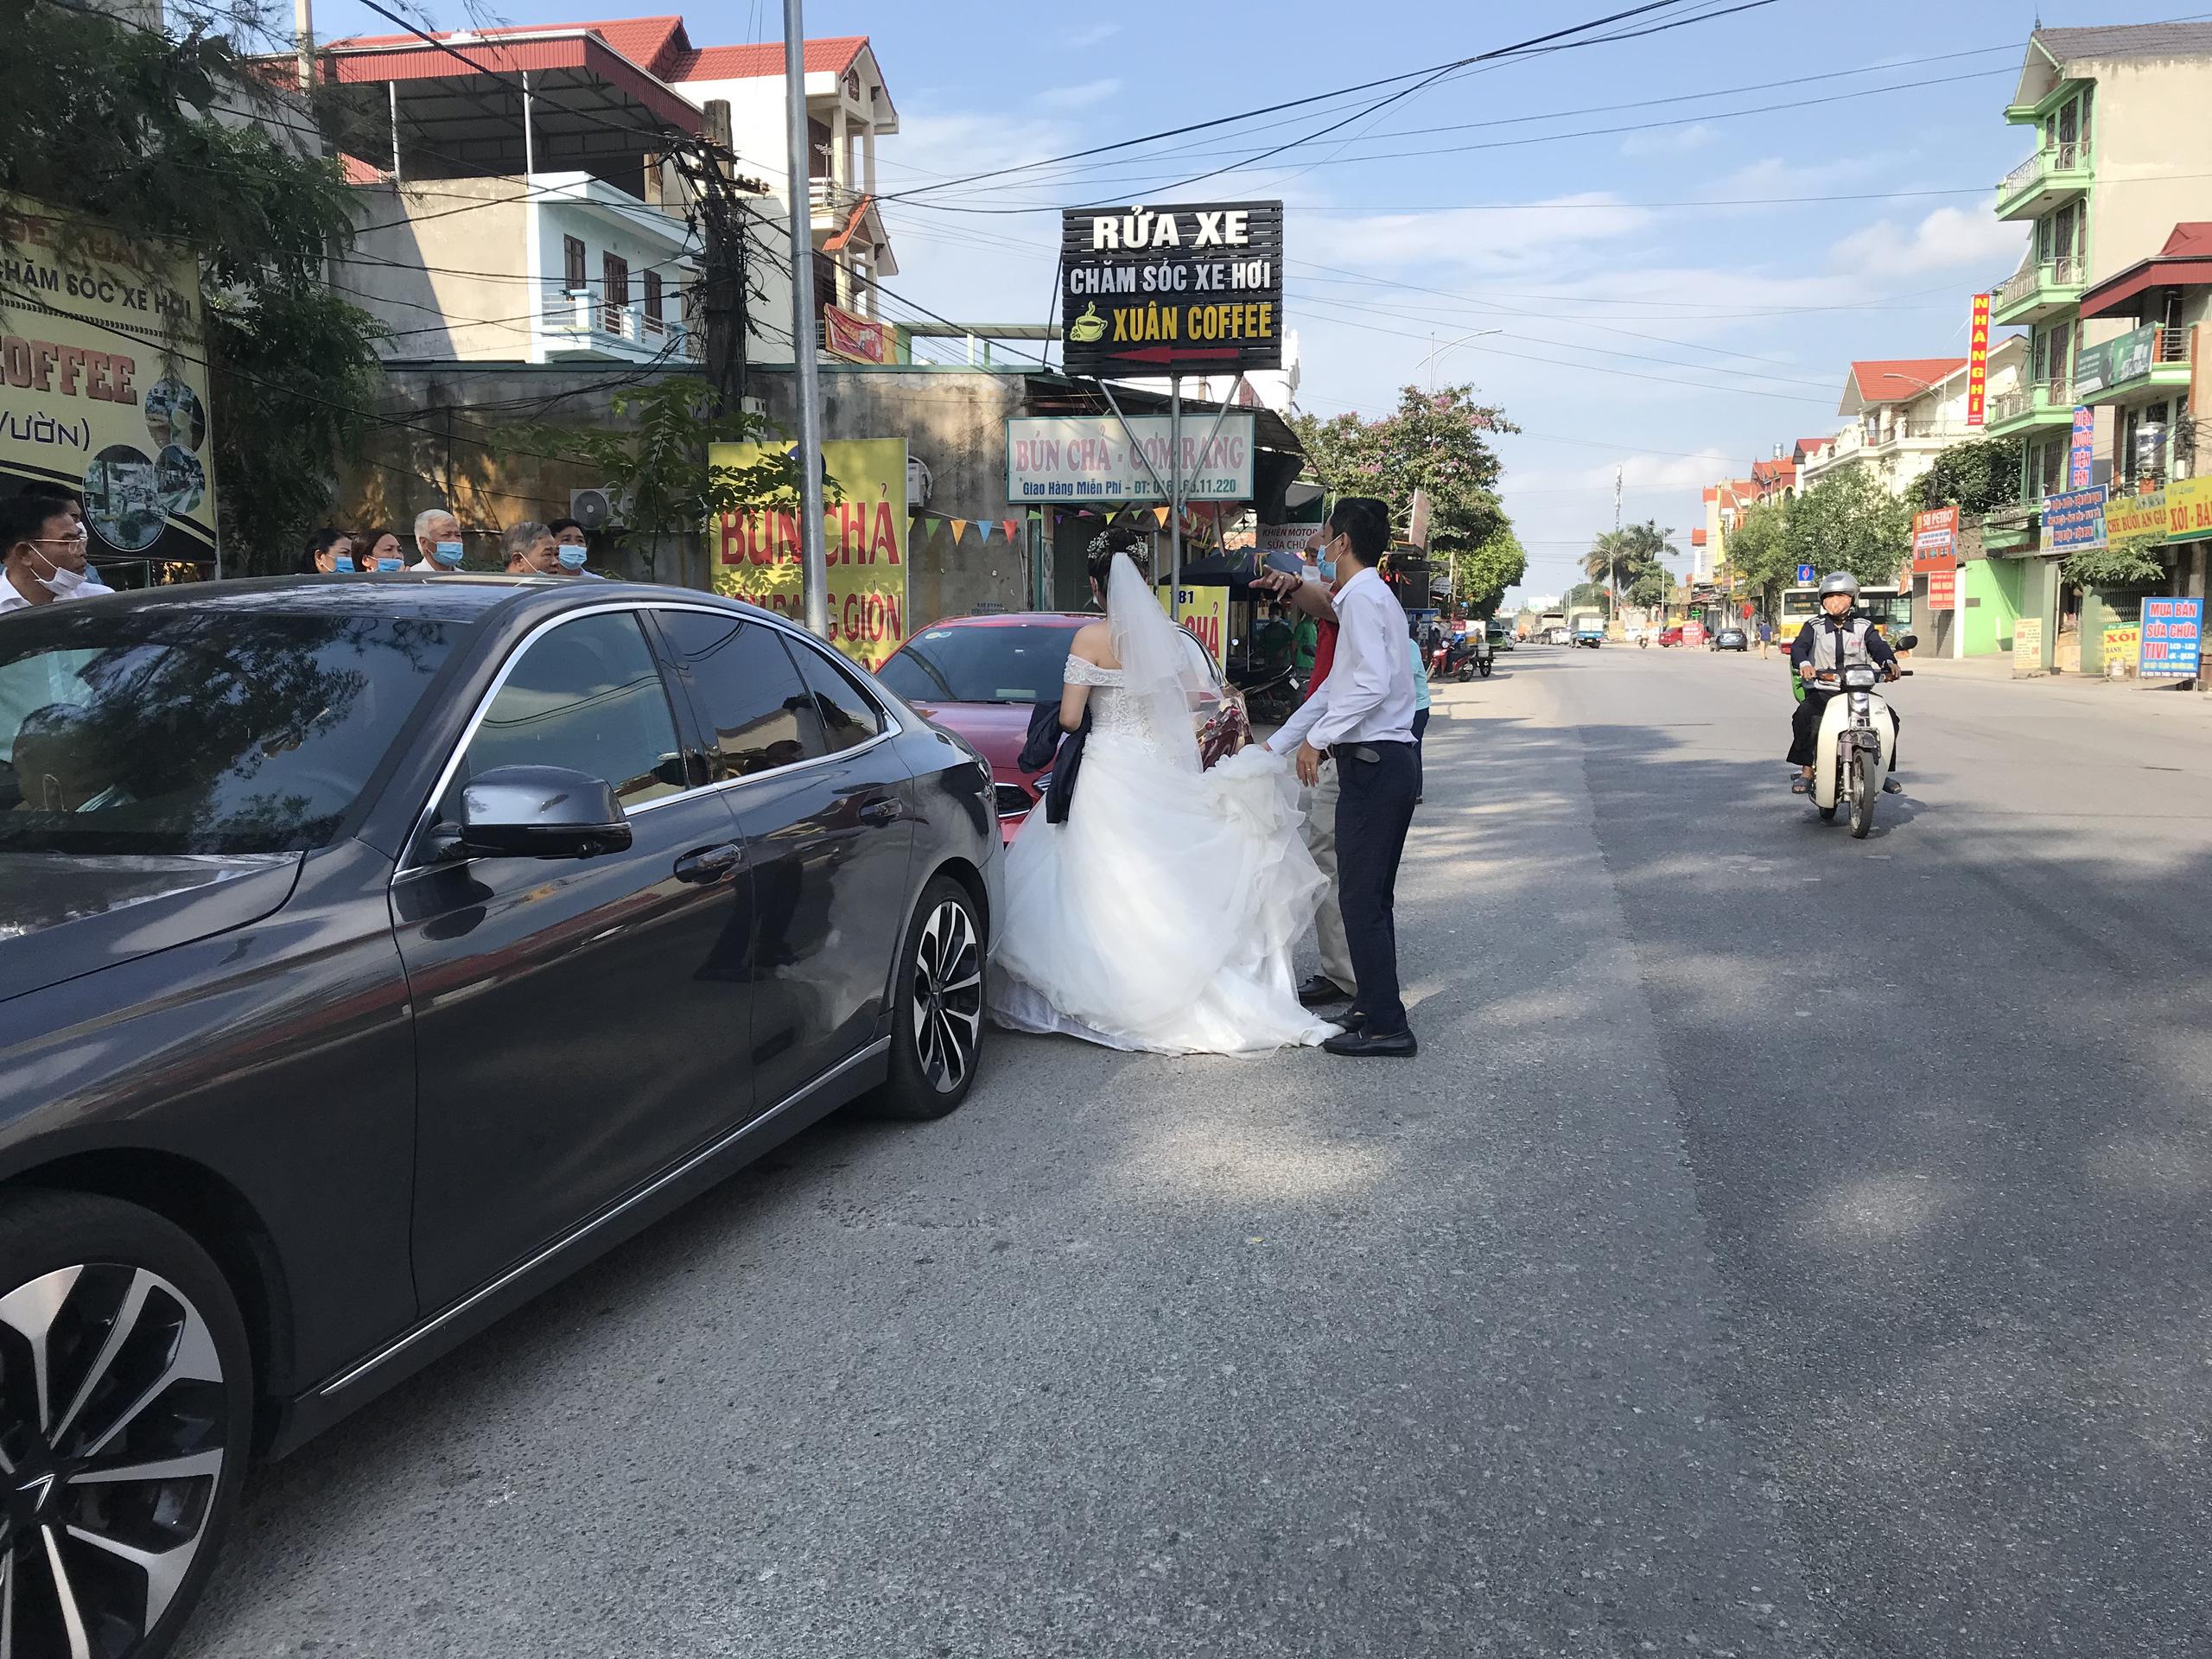 """Bắc Ninh: Huyện Thuận Thành phong toả, đoàn rước dâu  """"quay đầu xe""""  - Ảnh 8."""